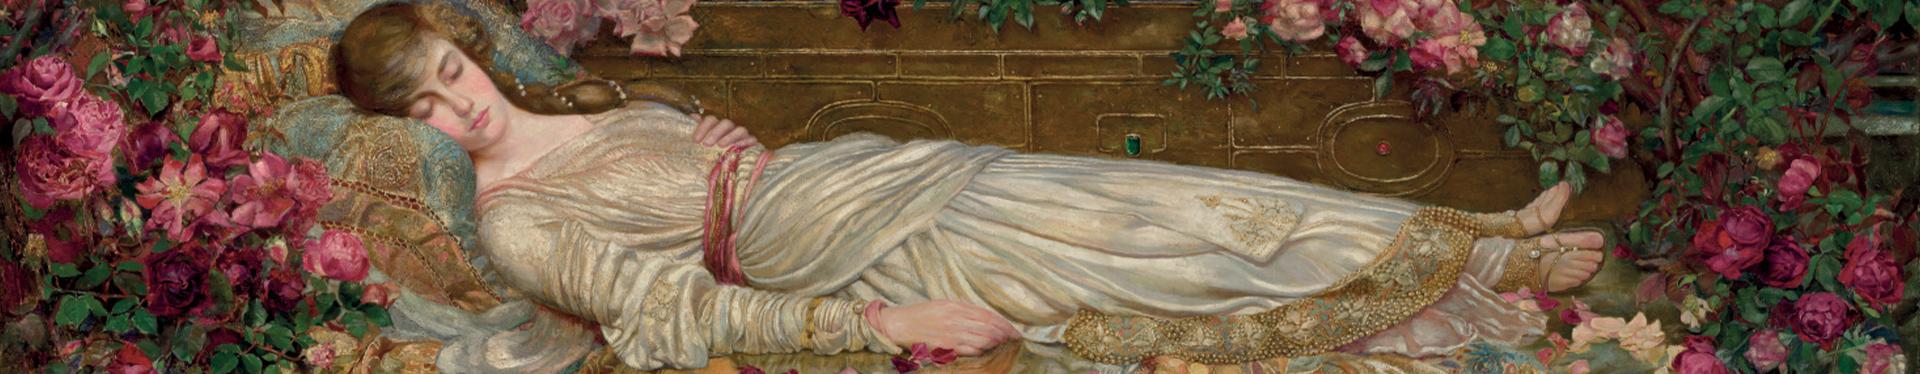 Victorian-Pre-raphaelite-British-Impressionist-Art-banner-20210226_100_1_20210226122708.jpg